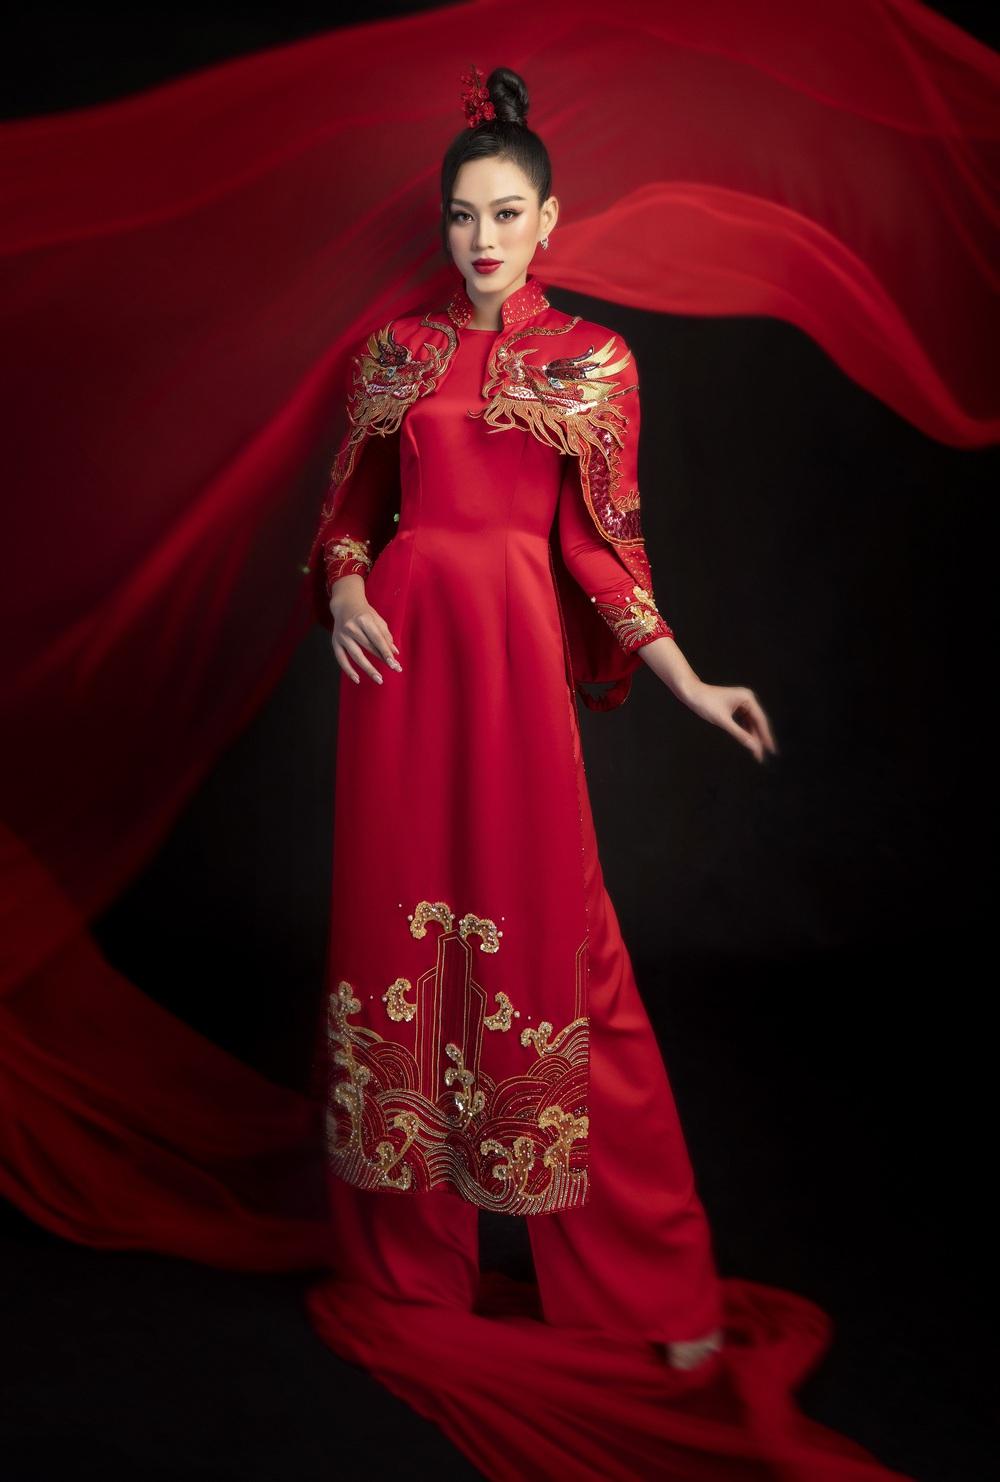 Hoa hậu Đỗ Thị Hà khoe vẻ sắc sảo với áo dài retro - ảnh 6